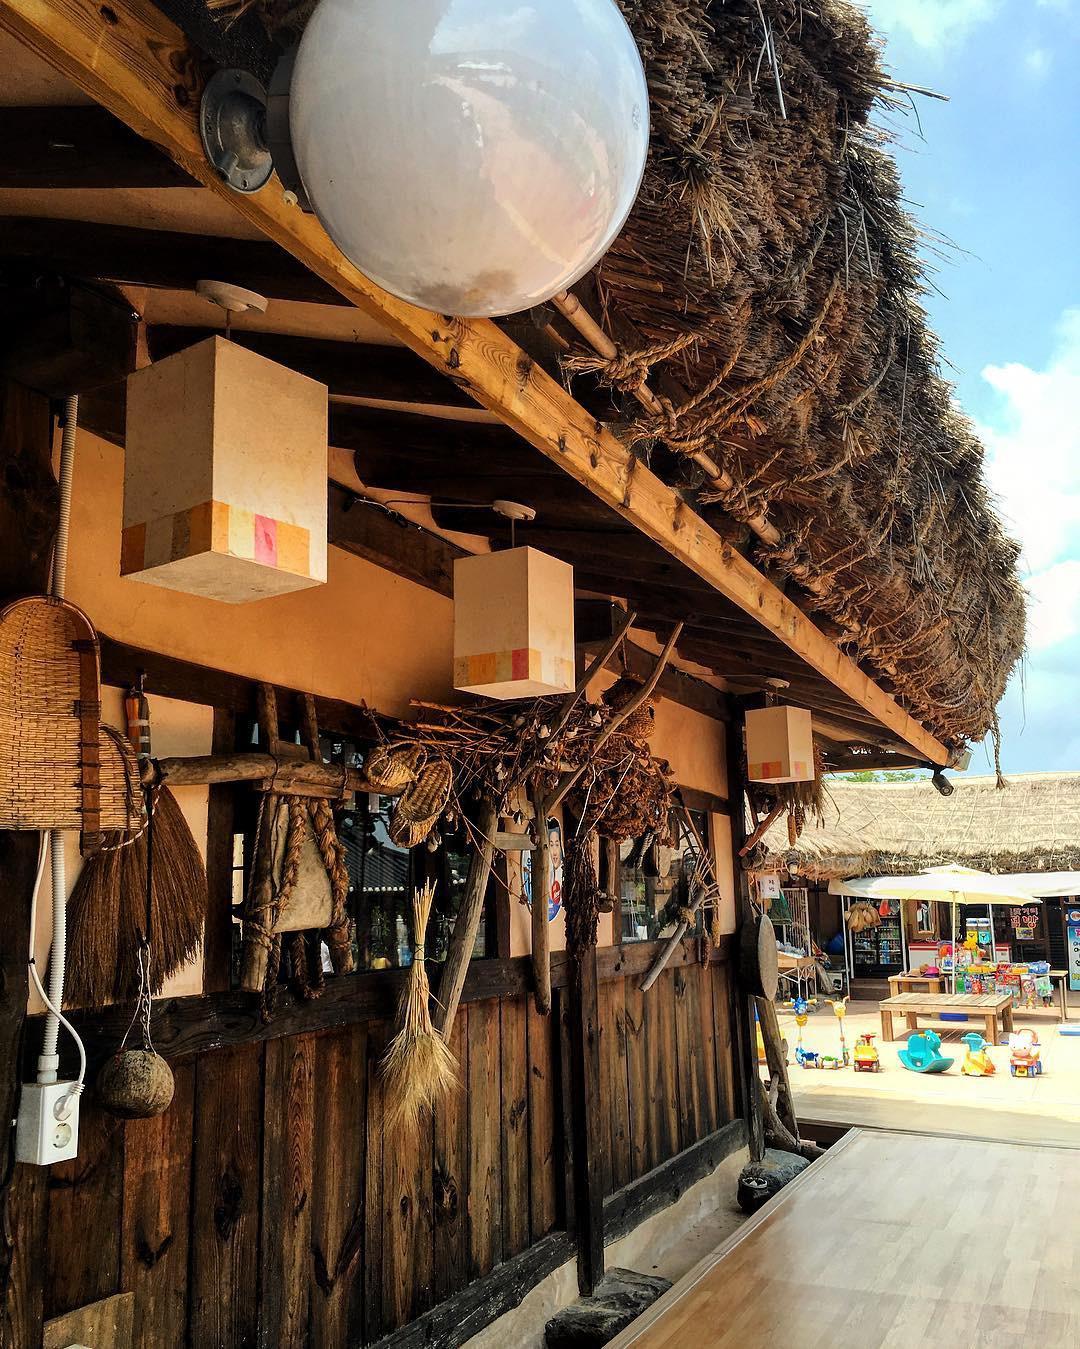 Thong thong khám phá văn hóa truyền thống tại 5 ngôi làng cổ đặc sắc nhất xứ Hàn - Ảnh 27.